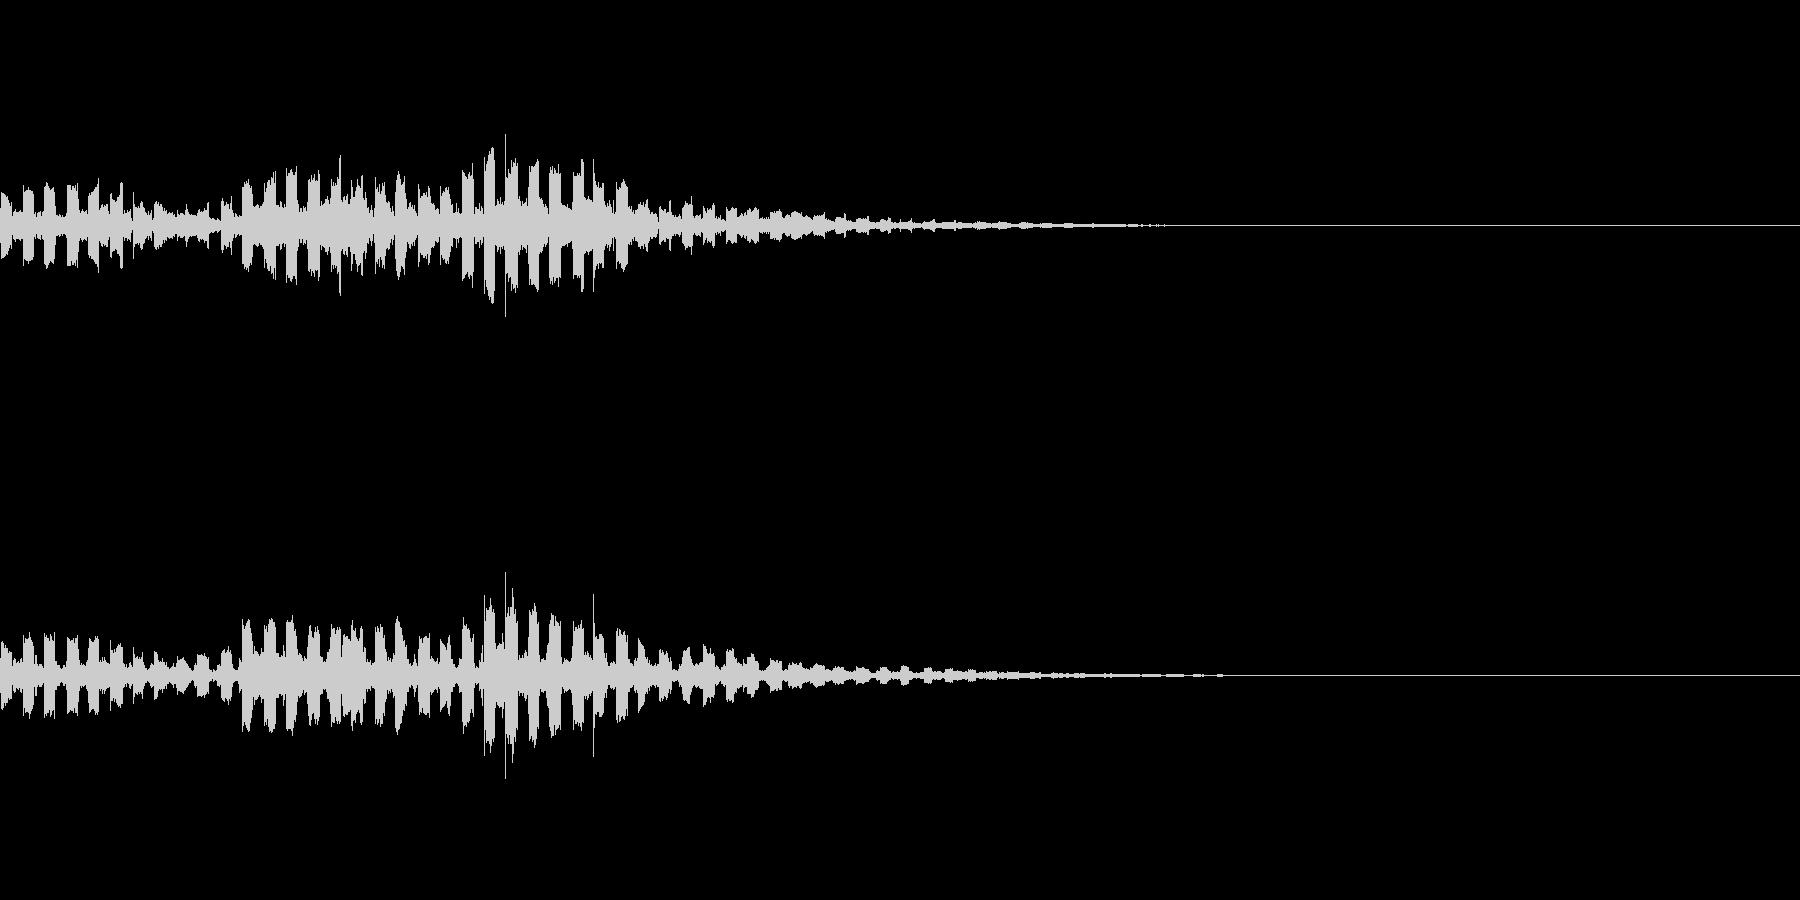 コミカルなUFO飛来音の未再生の波形